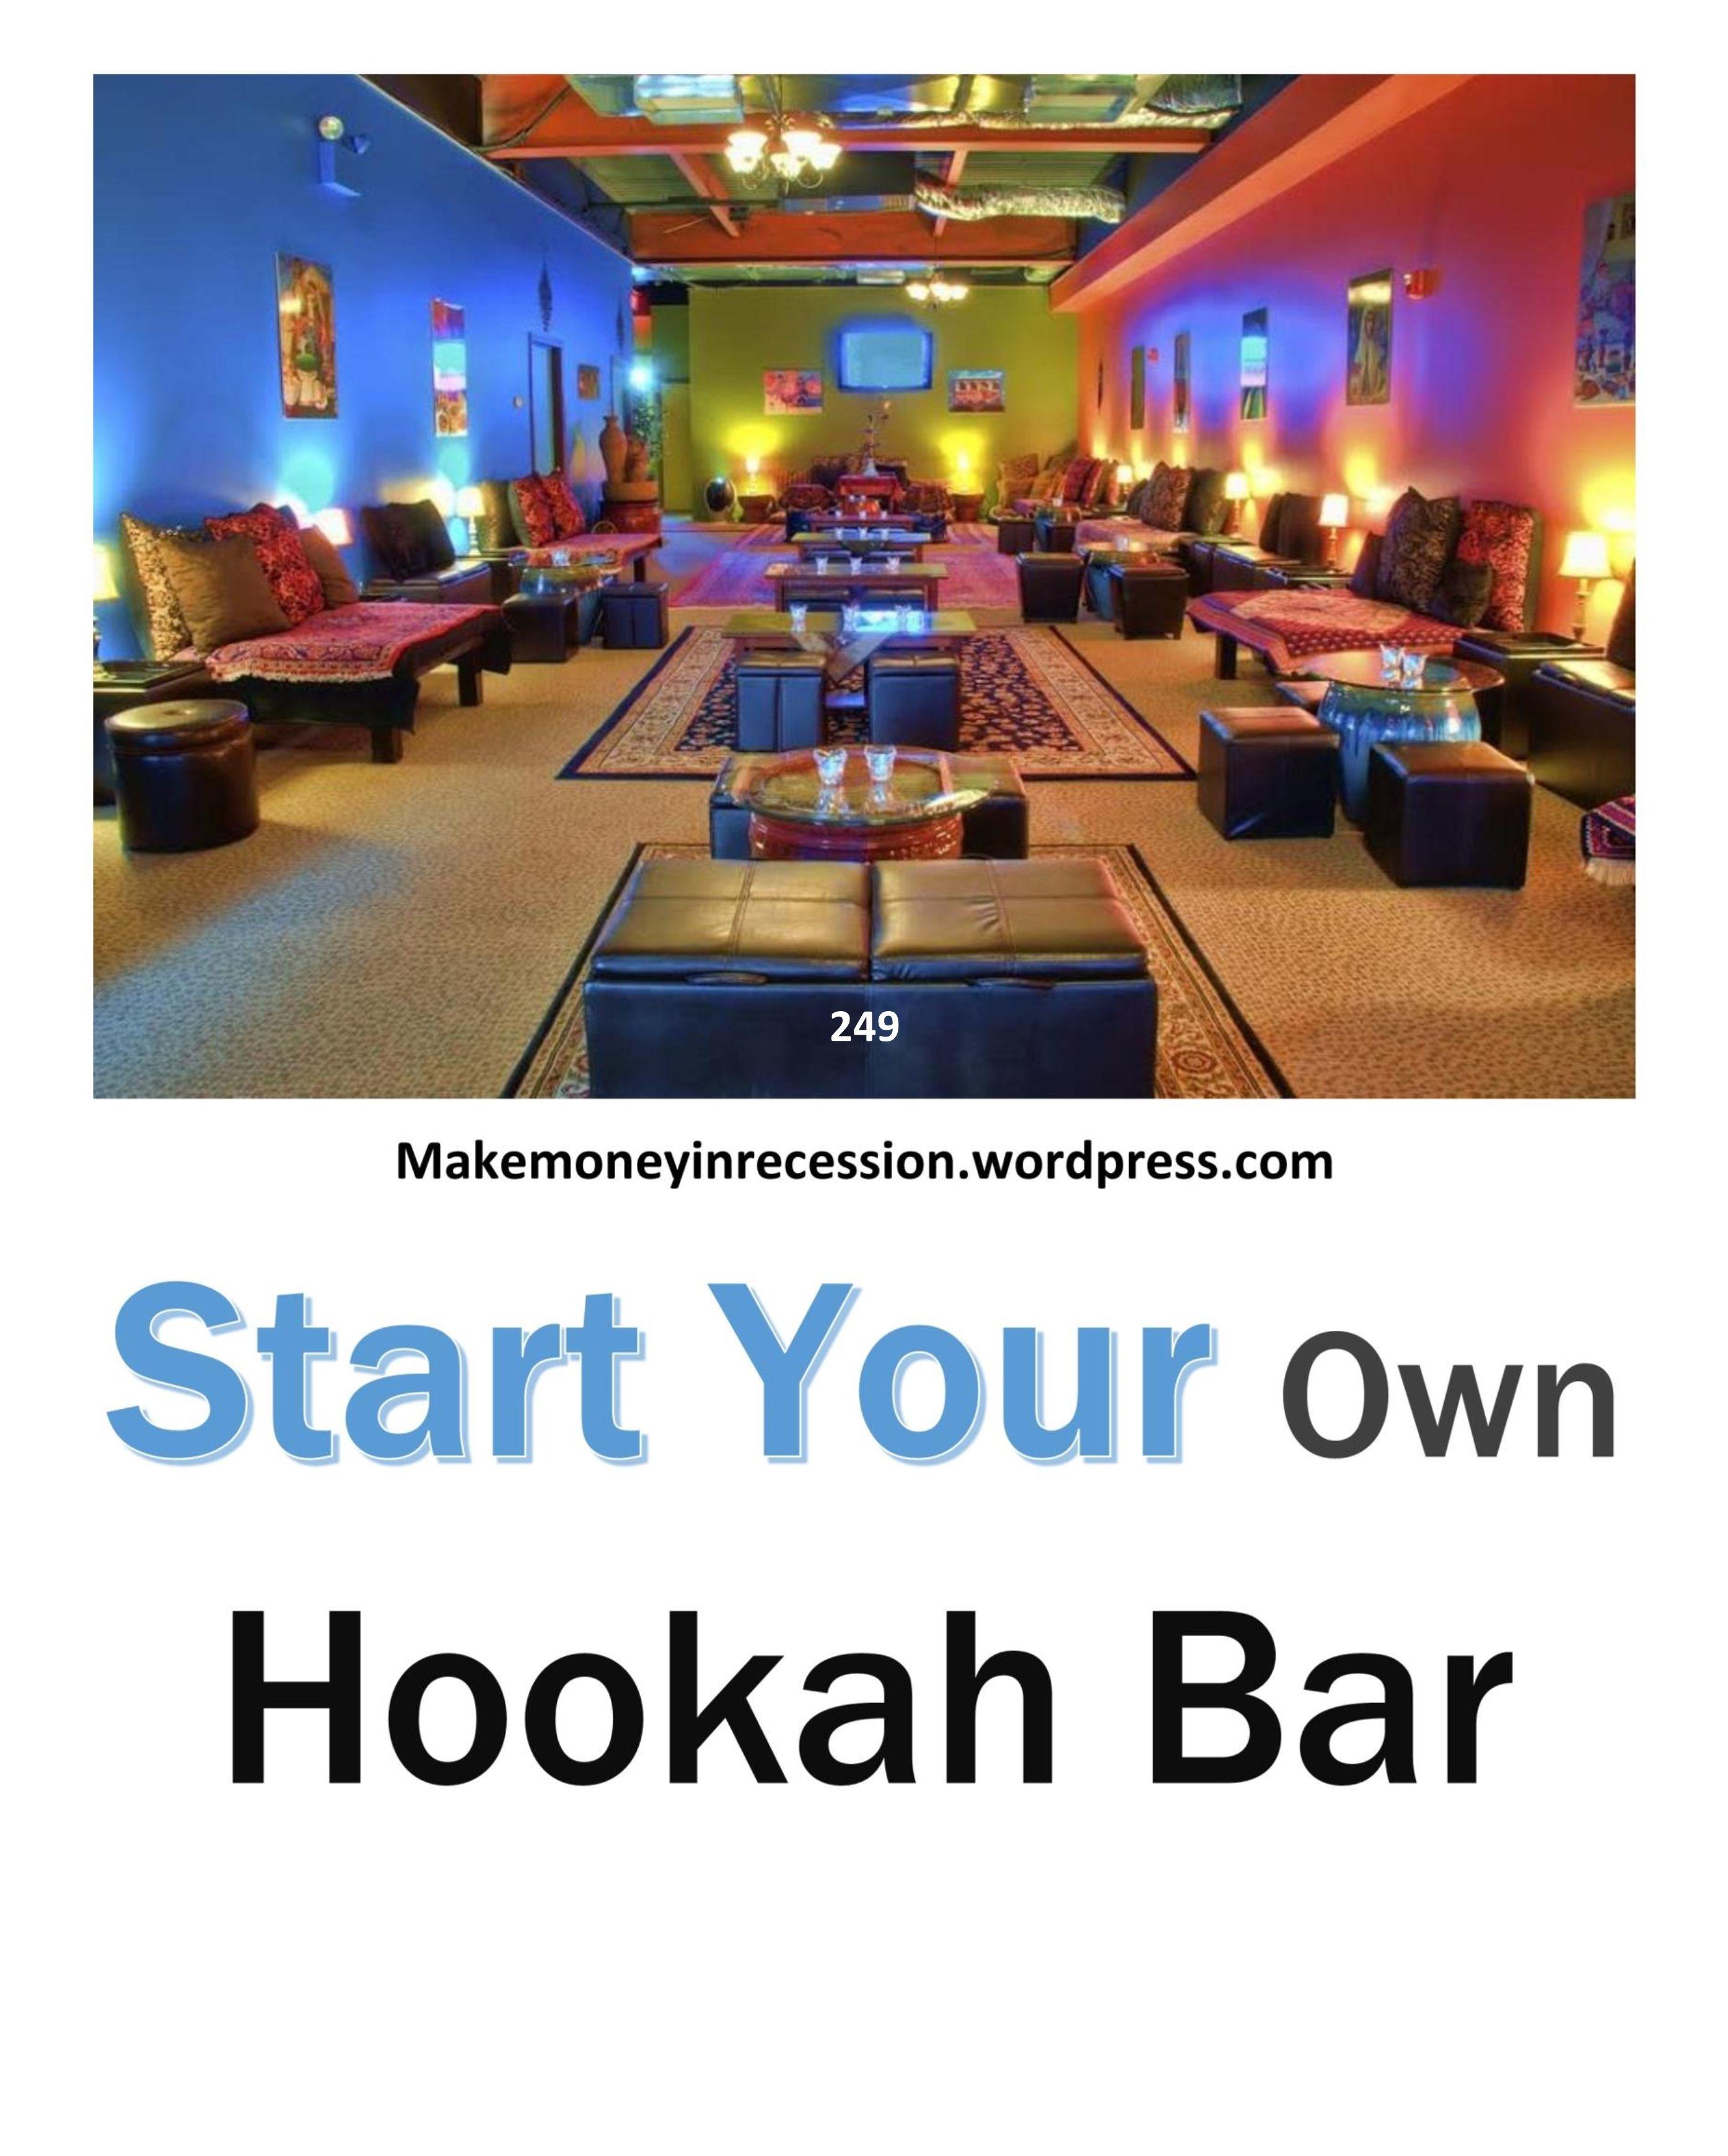 Starting a Business Offline Hookah Bar | Starting a Business